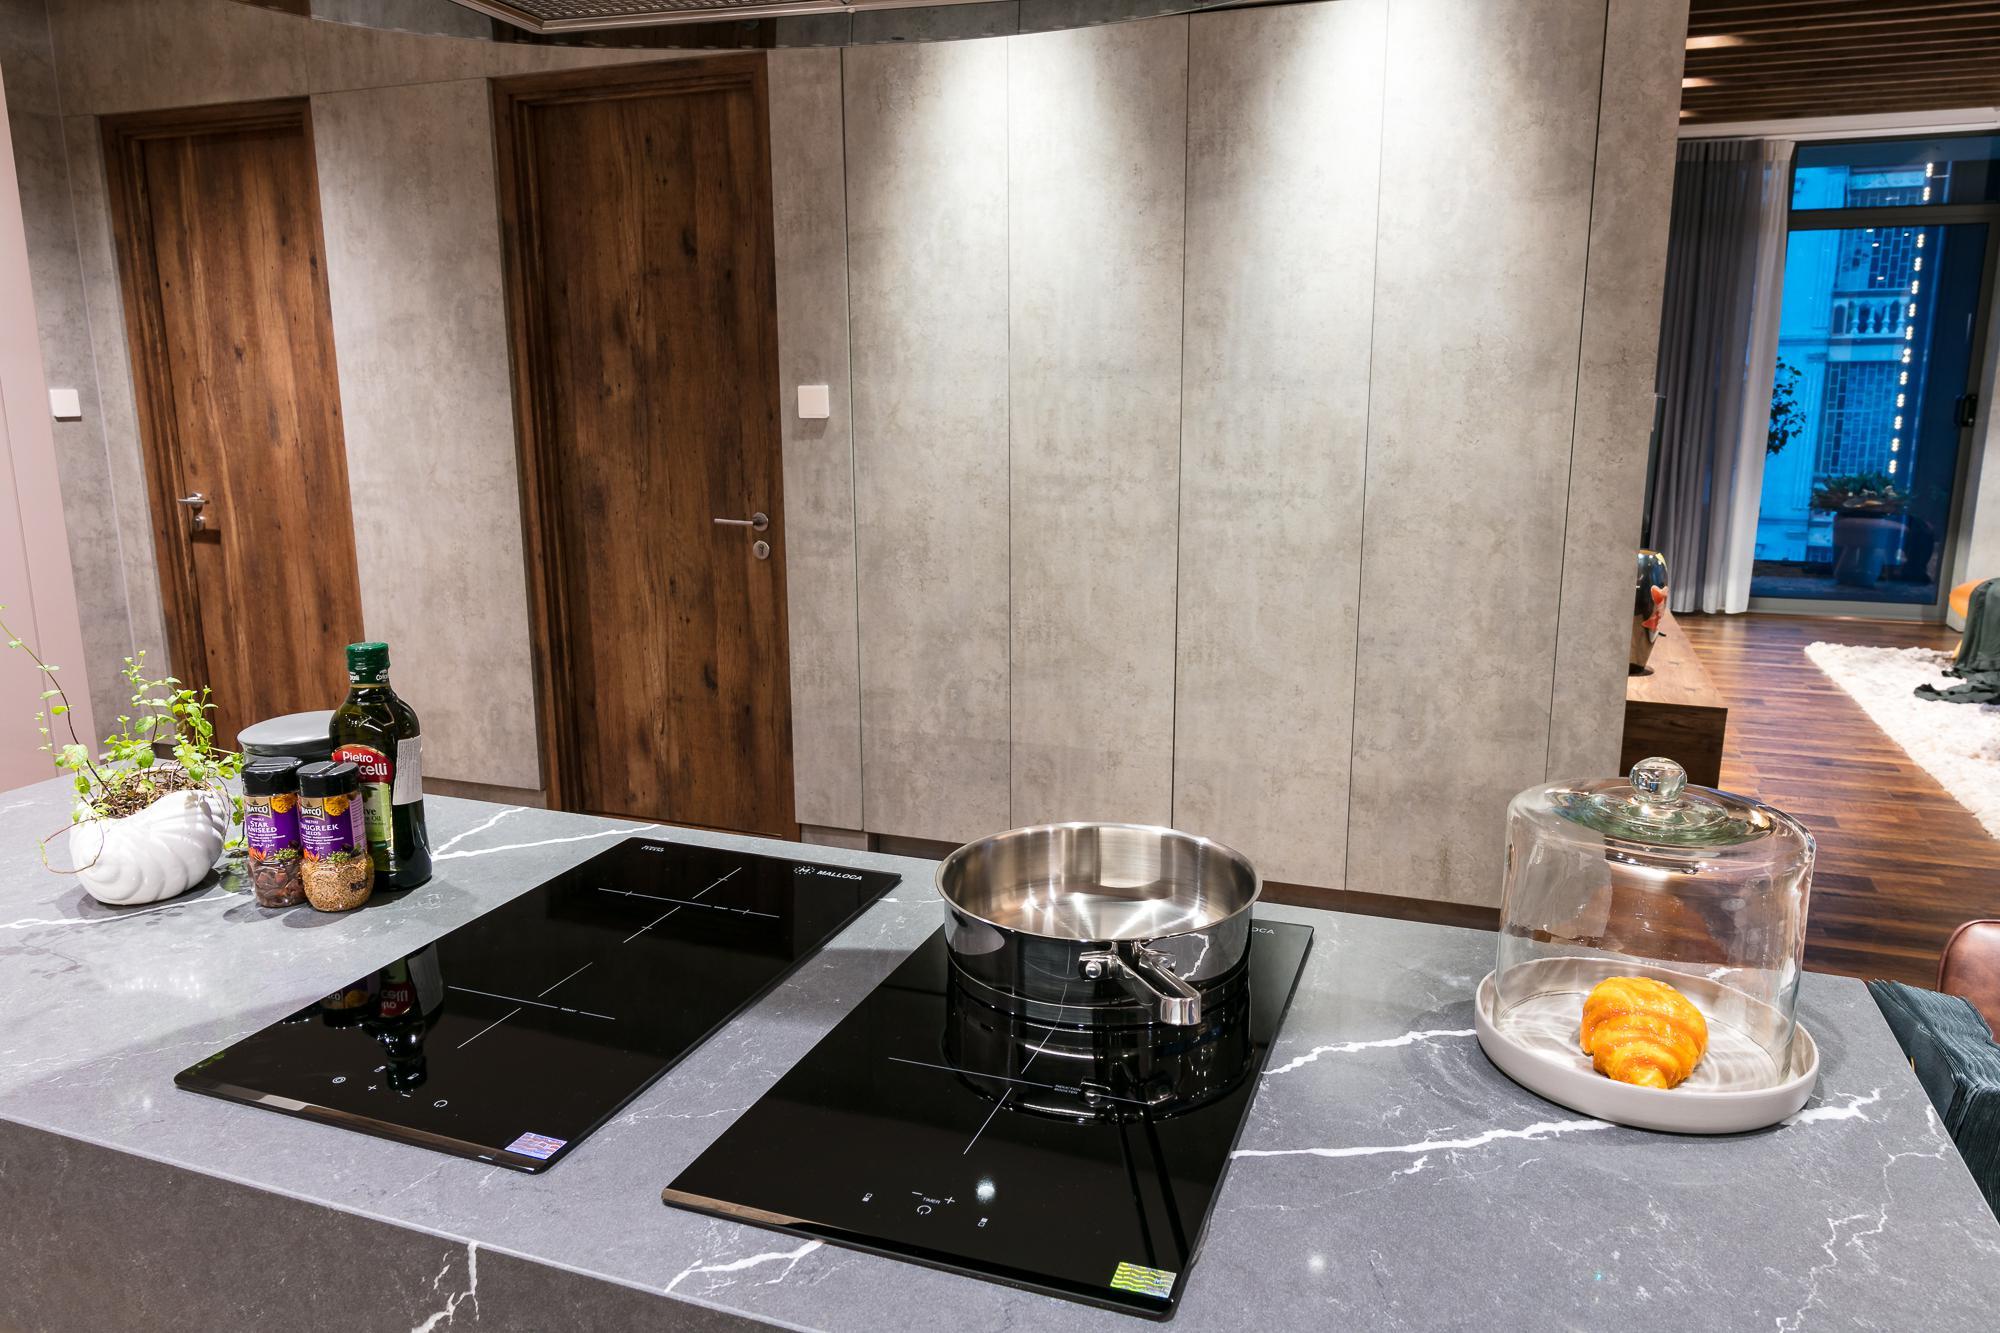 Tìm hiểu về bếp từ Domino cao cấp - xu hướng nấu nướng trong tương lai gần